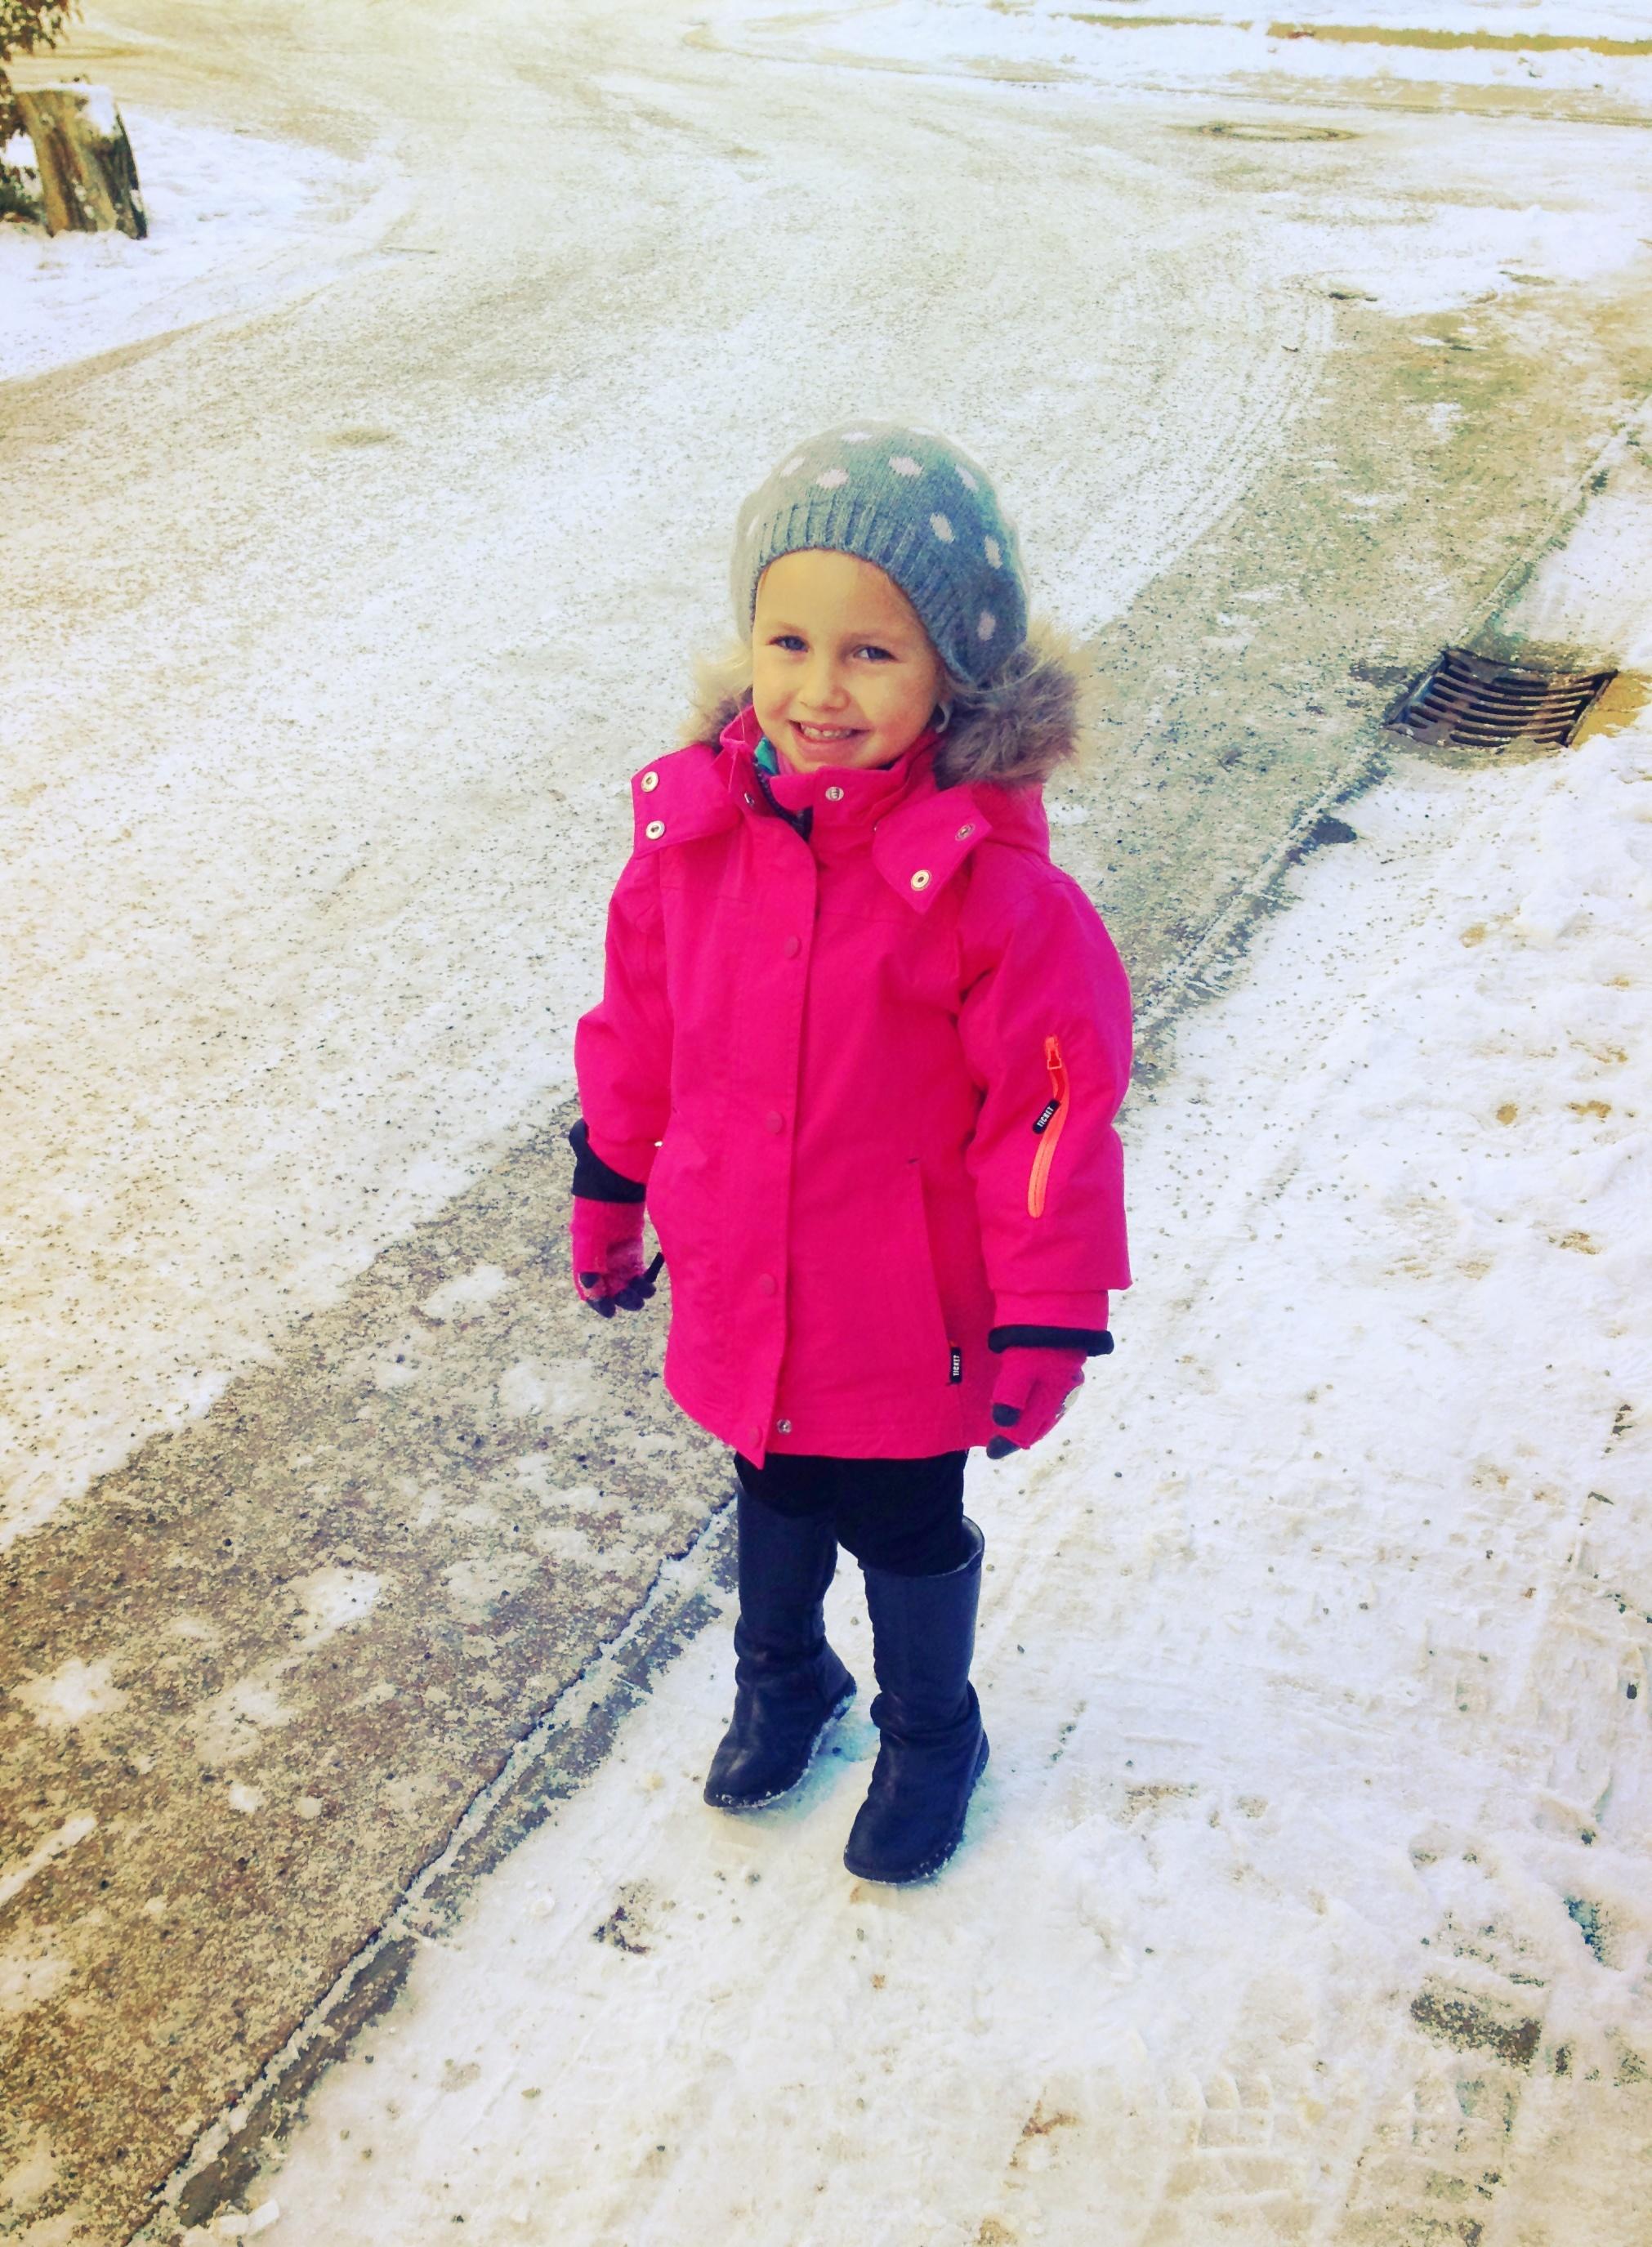 Dann hab ich mein Goldkind aus der Kita geholt. Glückliche Schneemaus!